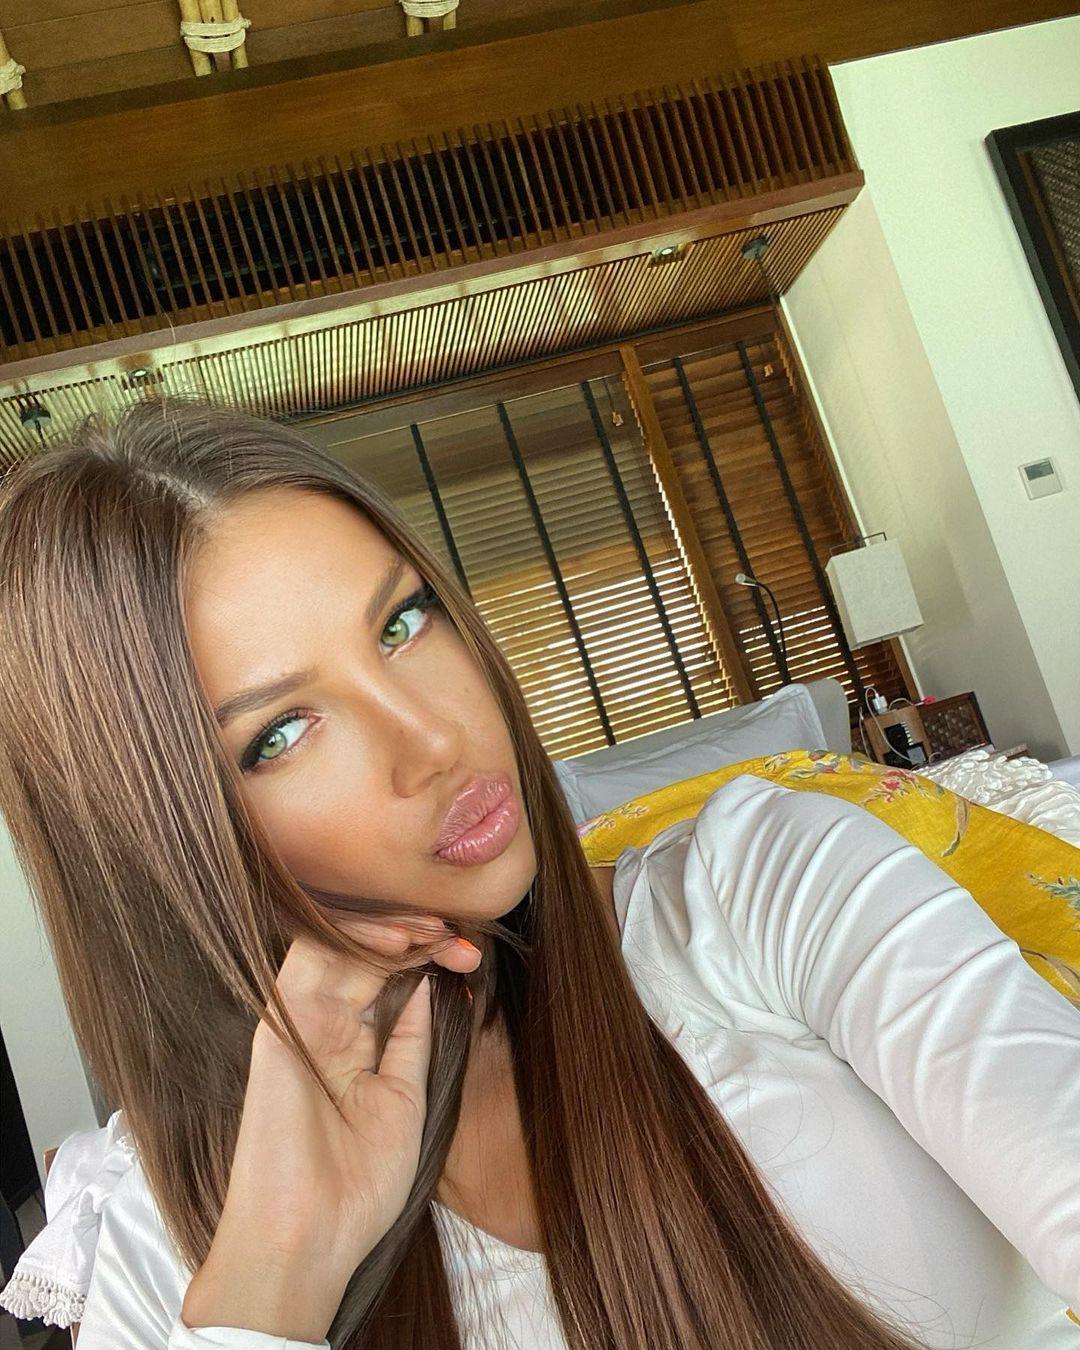 Inessa-Shevchuk-Wallpapers-Insta-Fit-Bio-19